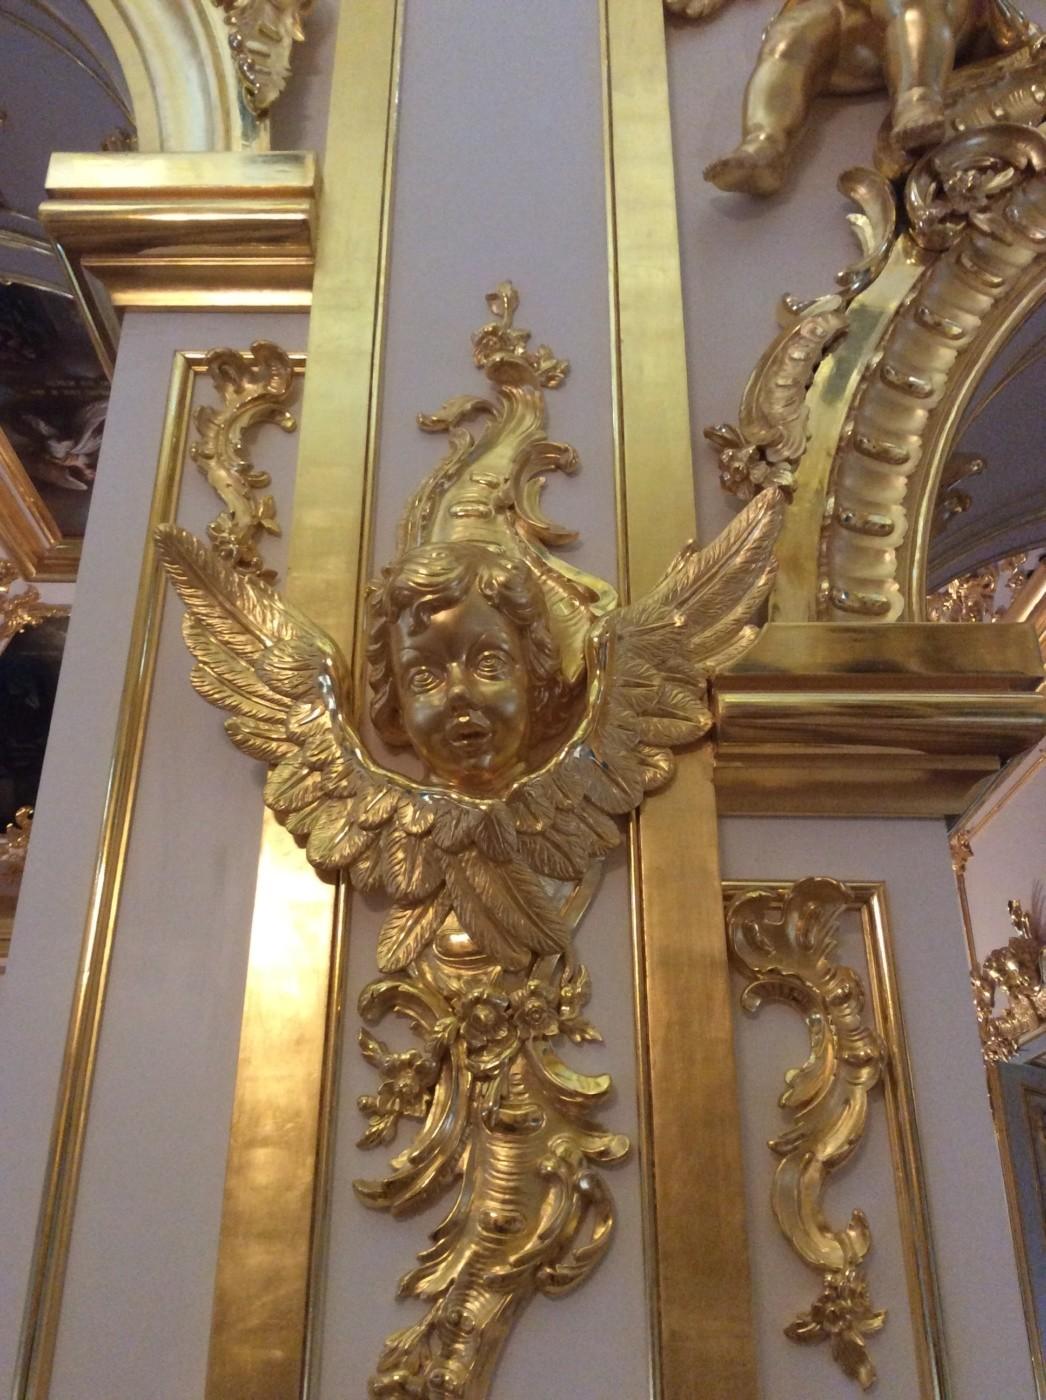 Церковь во имя святых первоверховных апостолов Петра и Павла. Музей «Церковный корпус». Придворная церковь Большого Петергофского Императорского дворца.